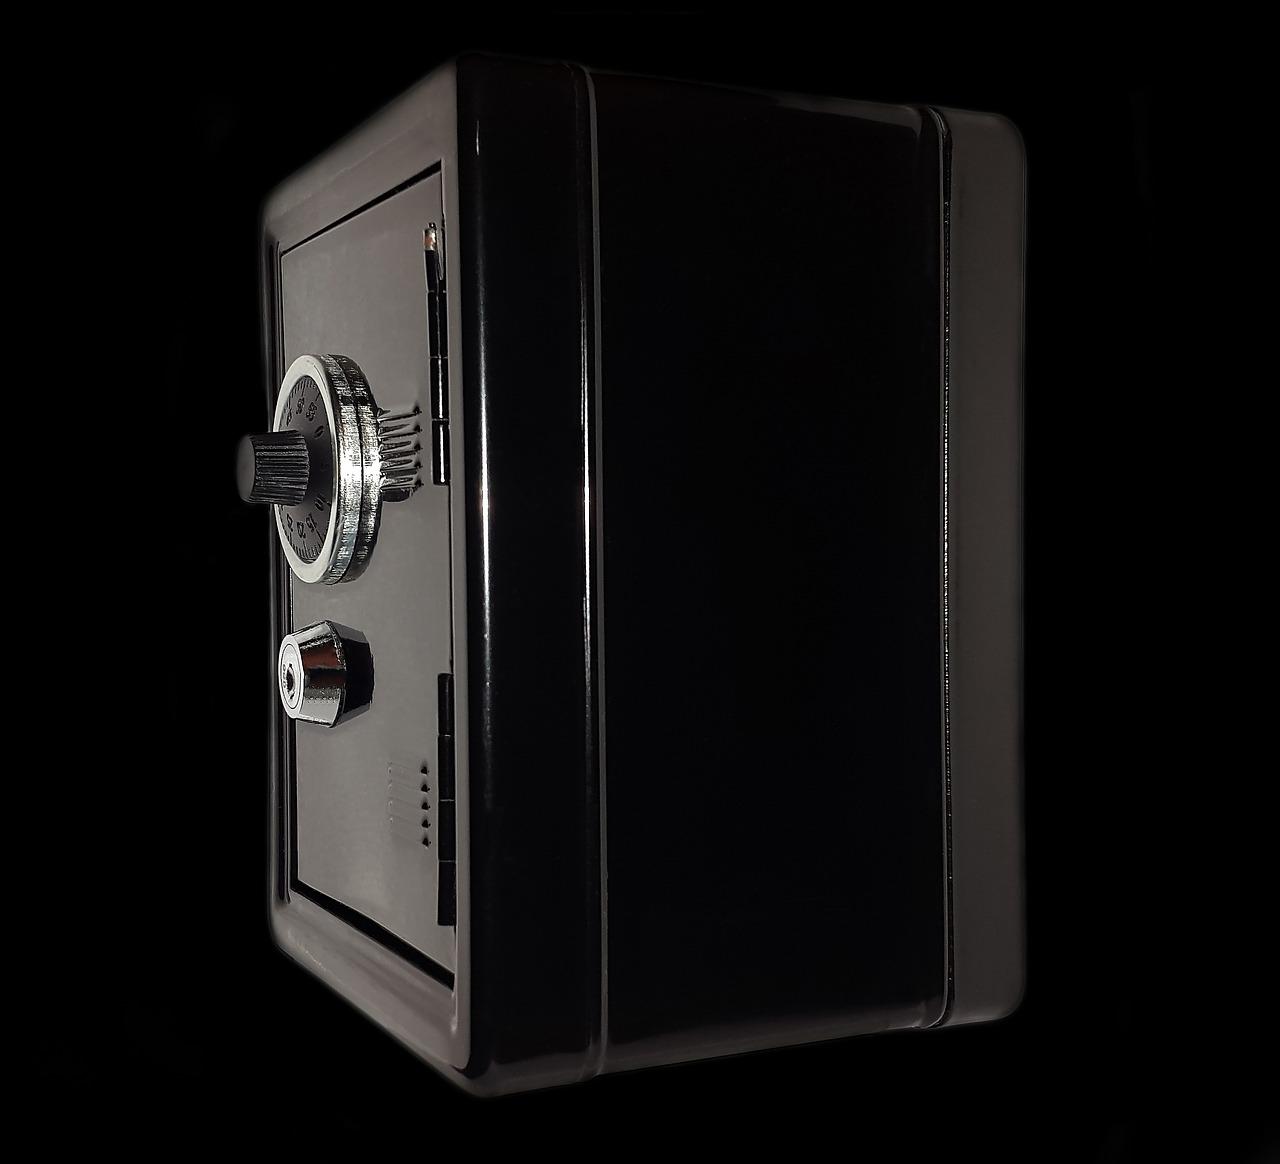 Le serrurier peut conseiller un client pour l'achat d'un coffre-fort